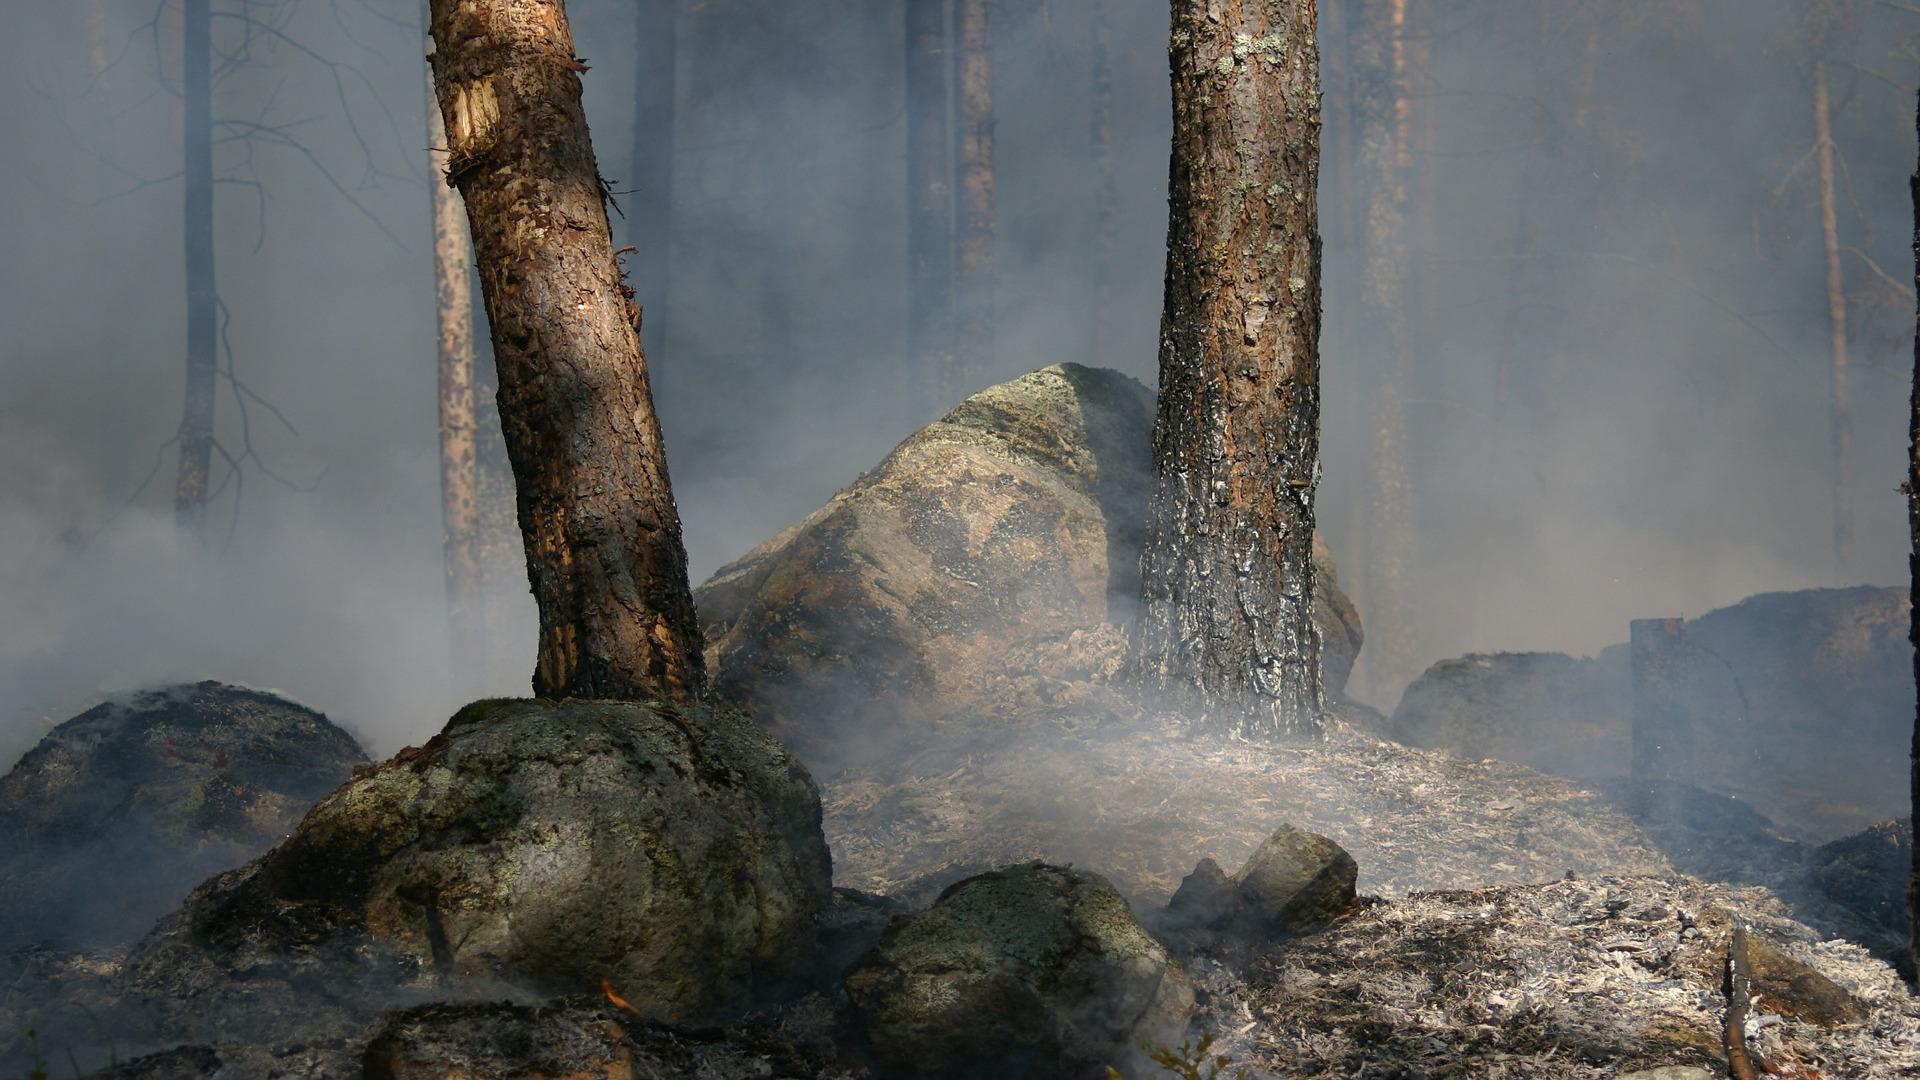 14-5 millones de euros para restaurar zonas afectadas por incendios 1920